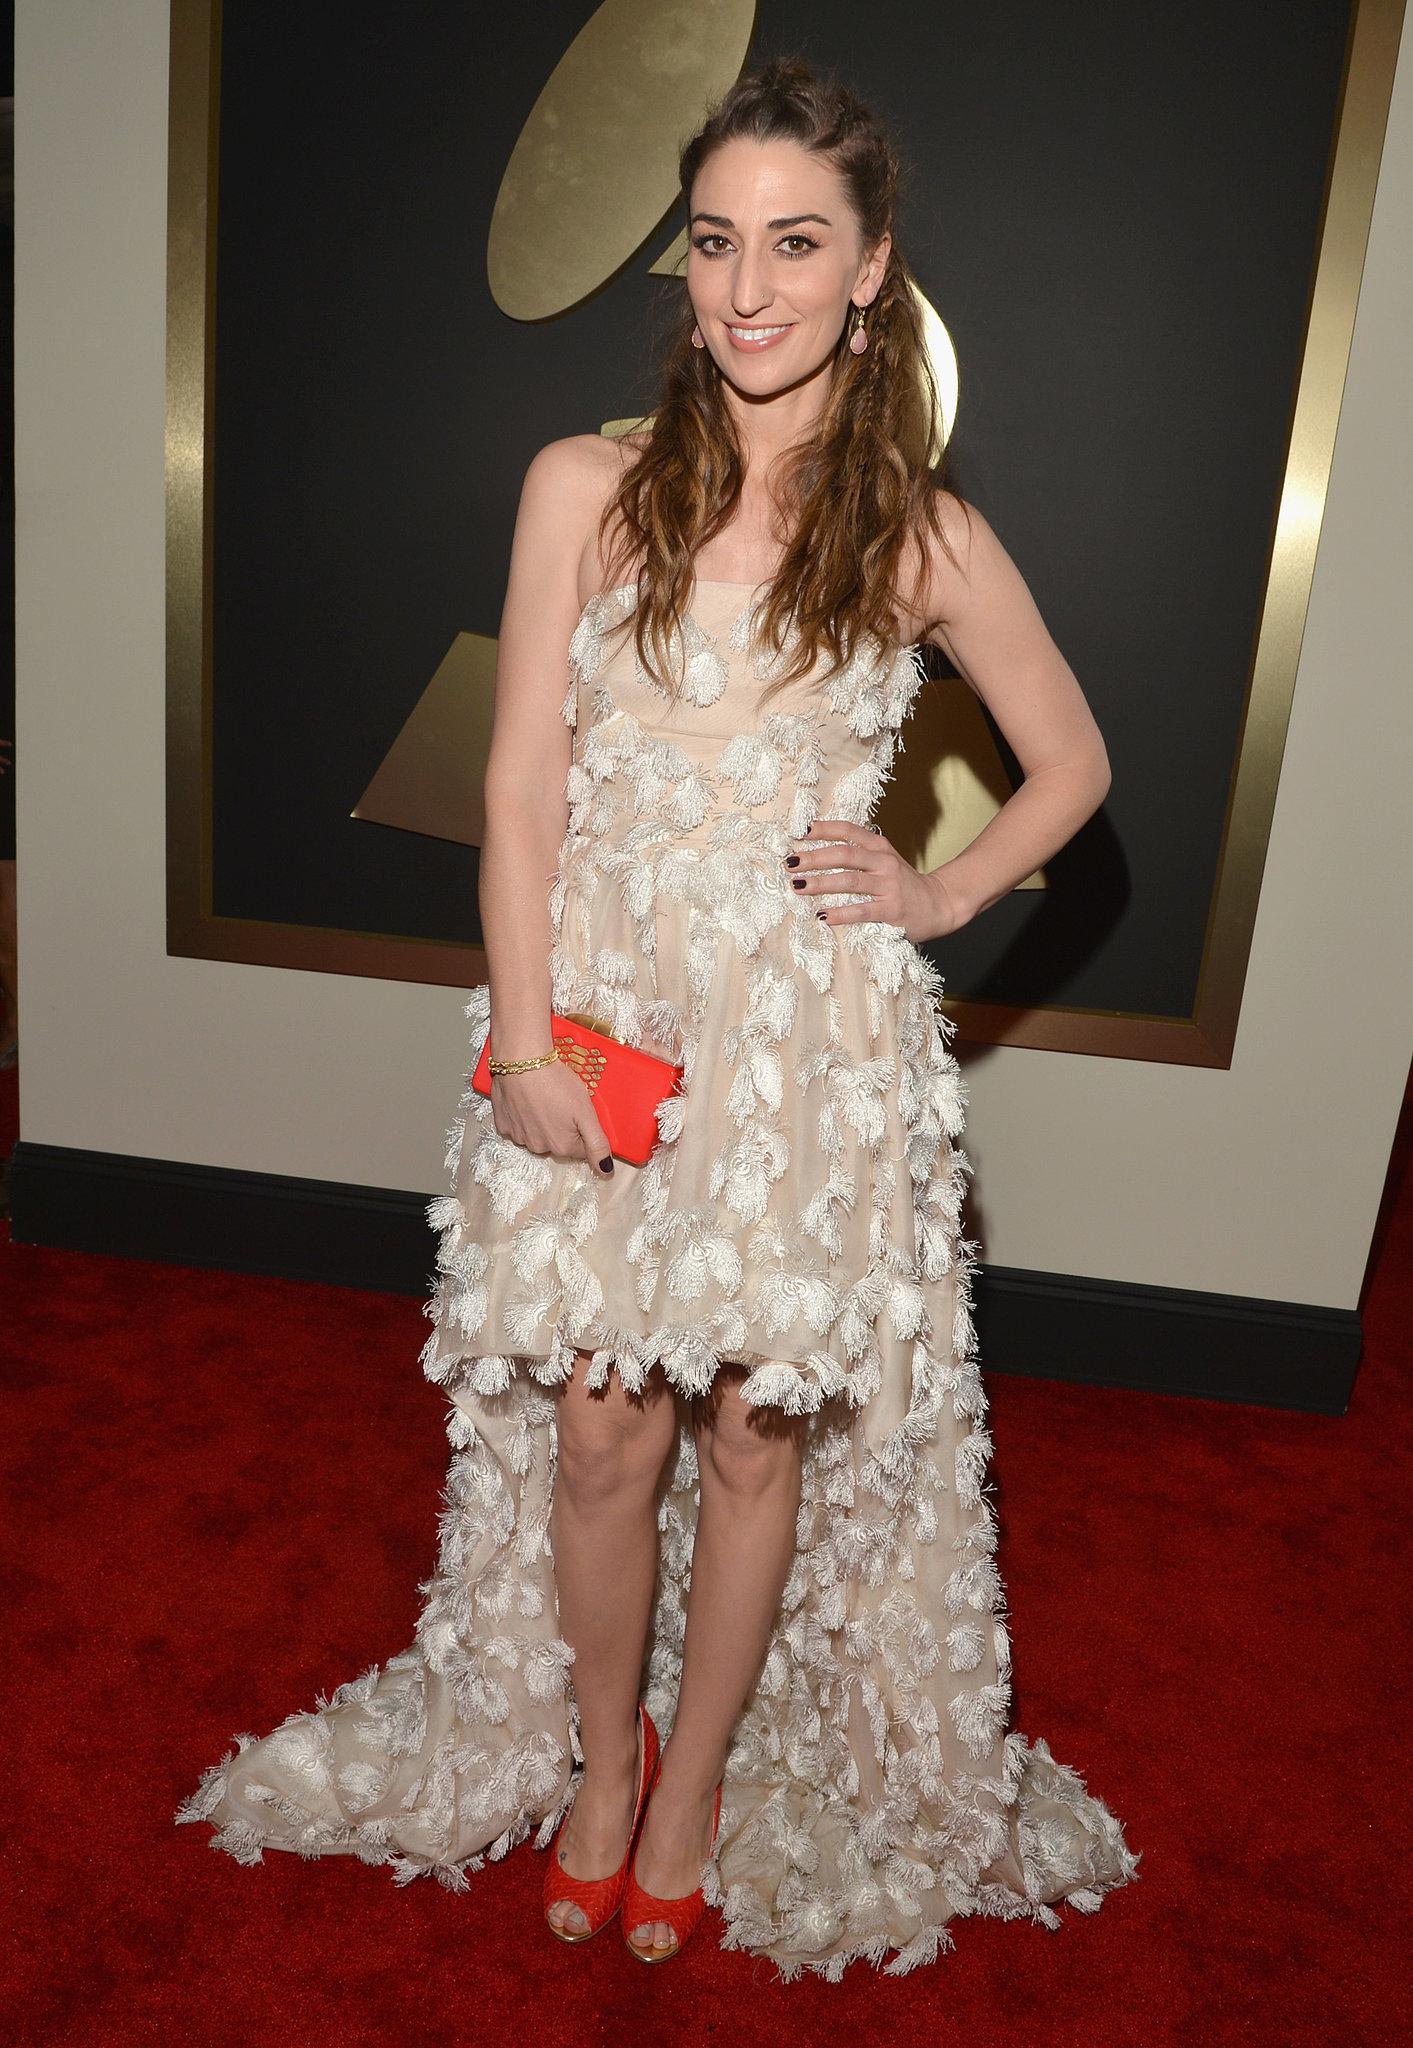 Sara Bareilles at the Grammys 2014